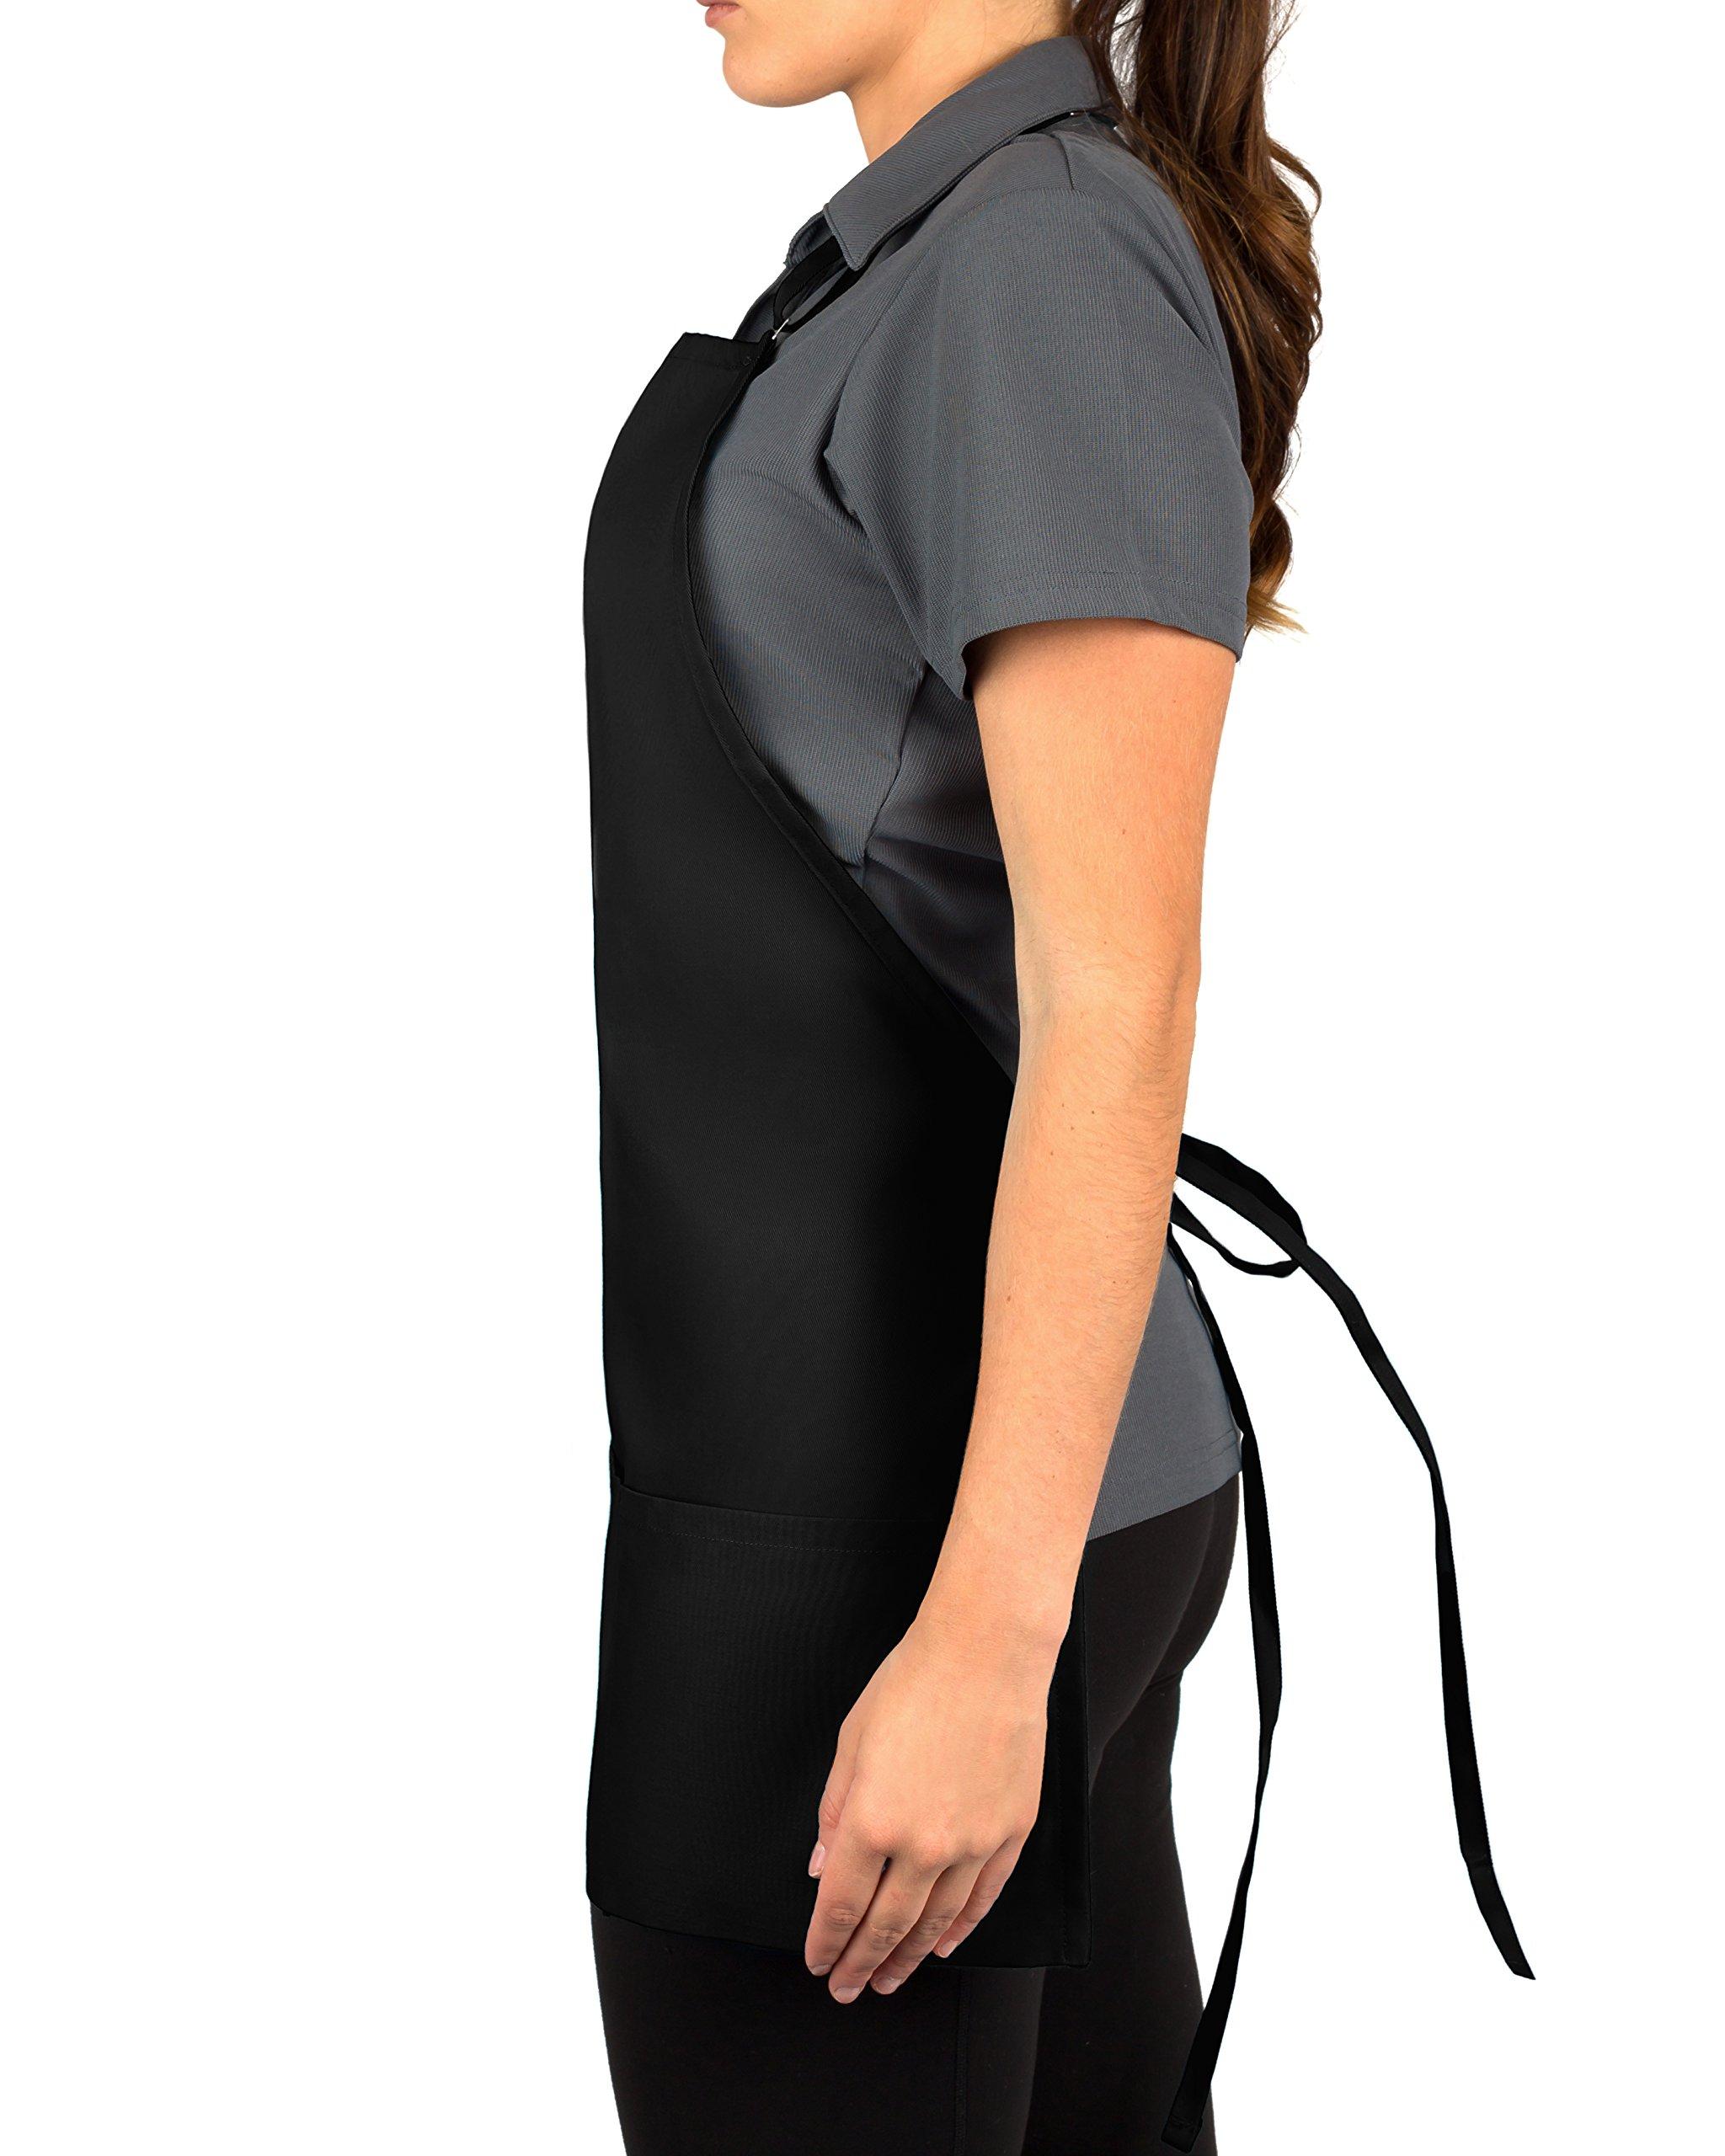 KNG Pack Of 2 - Black Adjustable Bib Apron - 3 Pocket by KNG (Image #3)